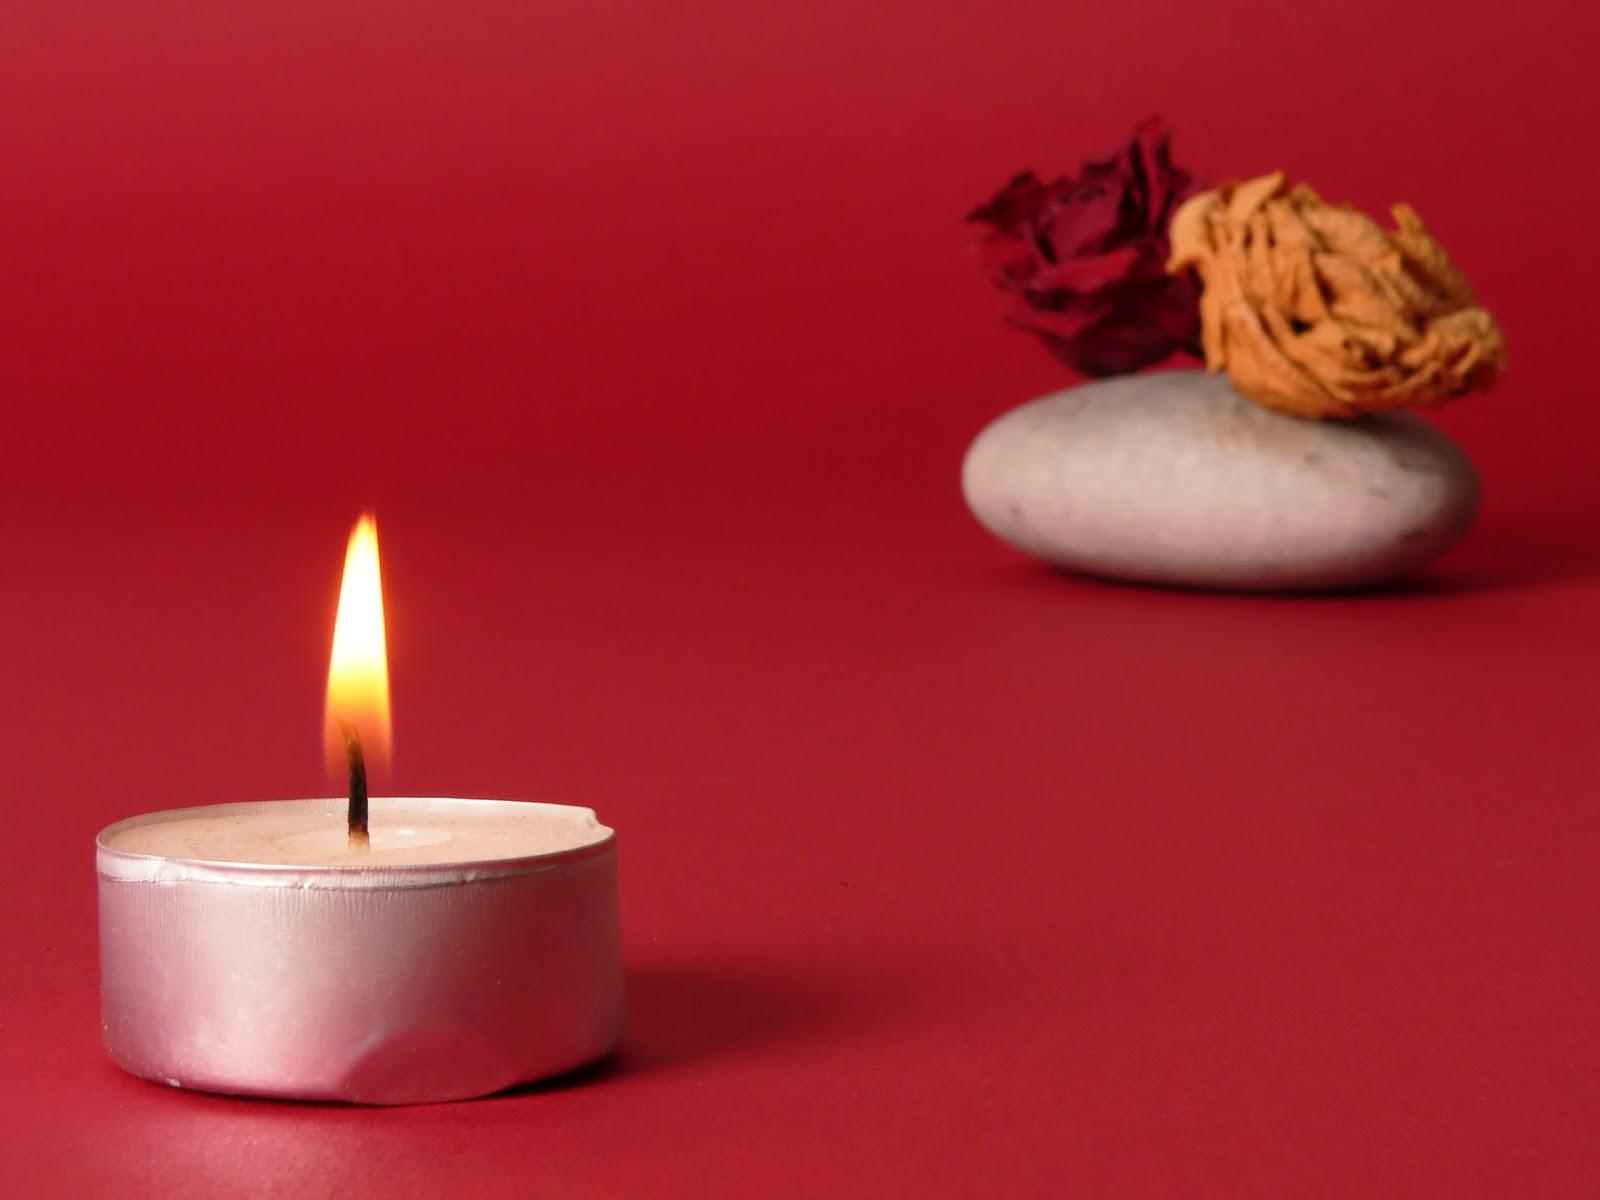 Los 5 elementos feng shui y su utilizaci n en el hogar for Feng shui amor y matrimonio